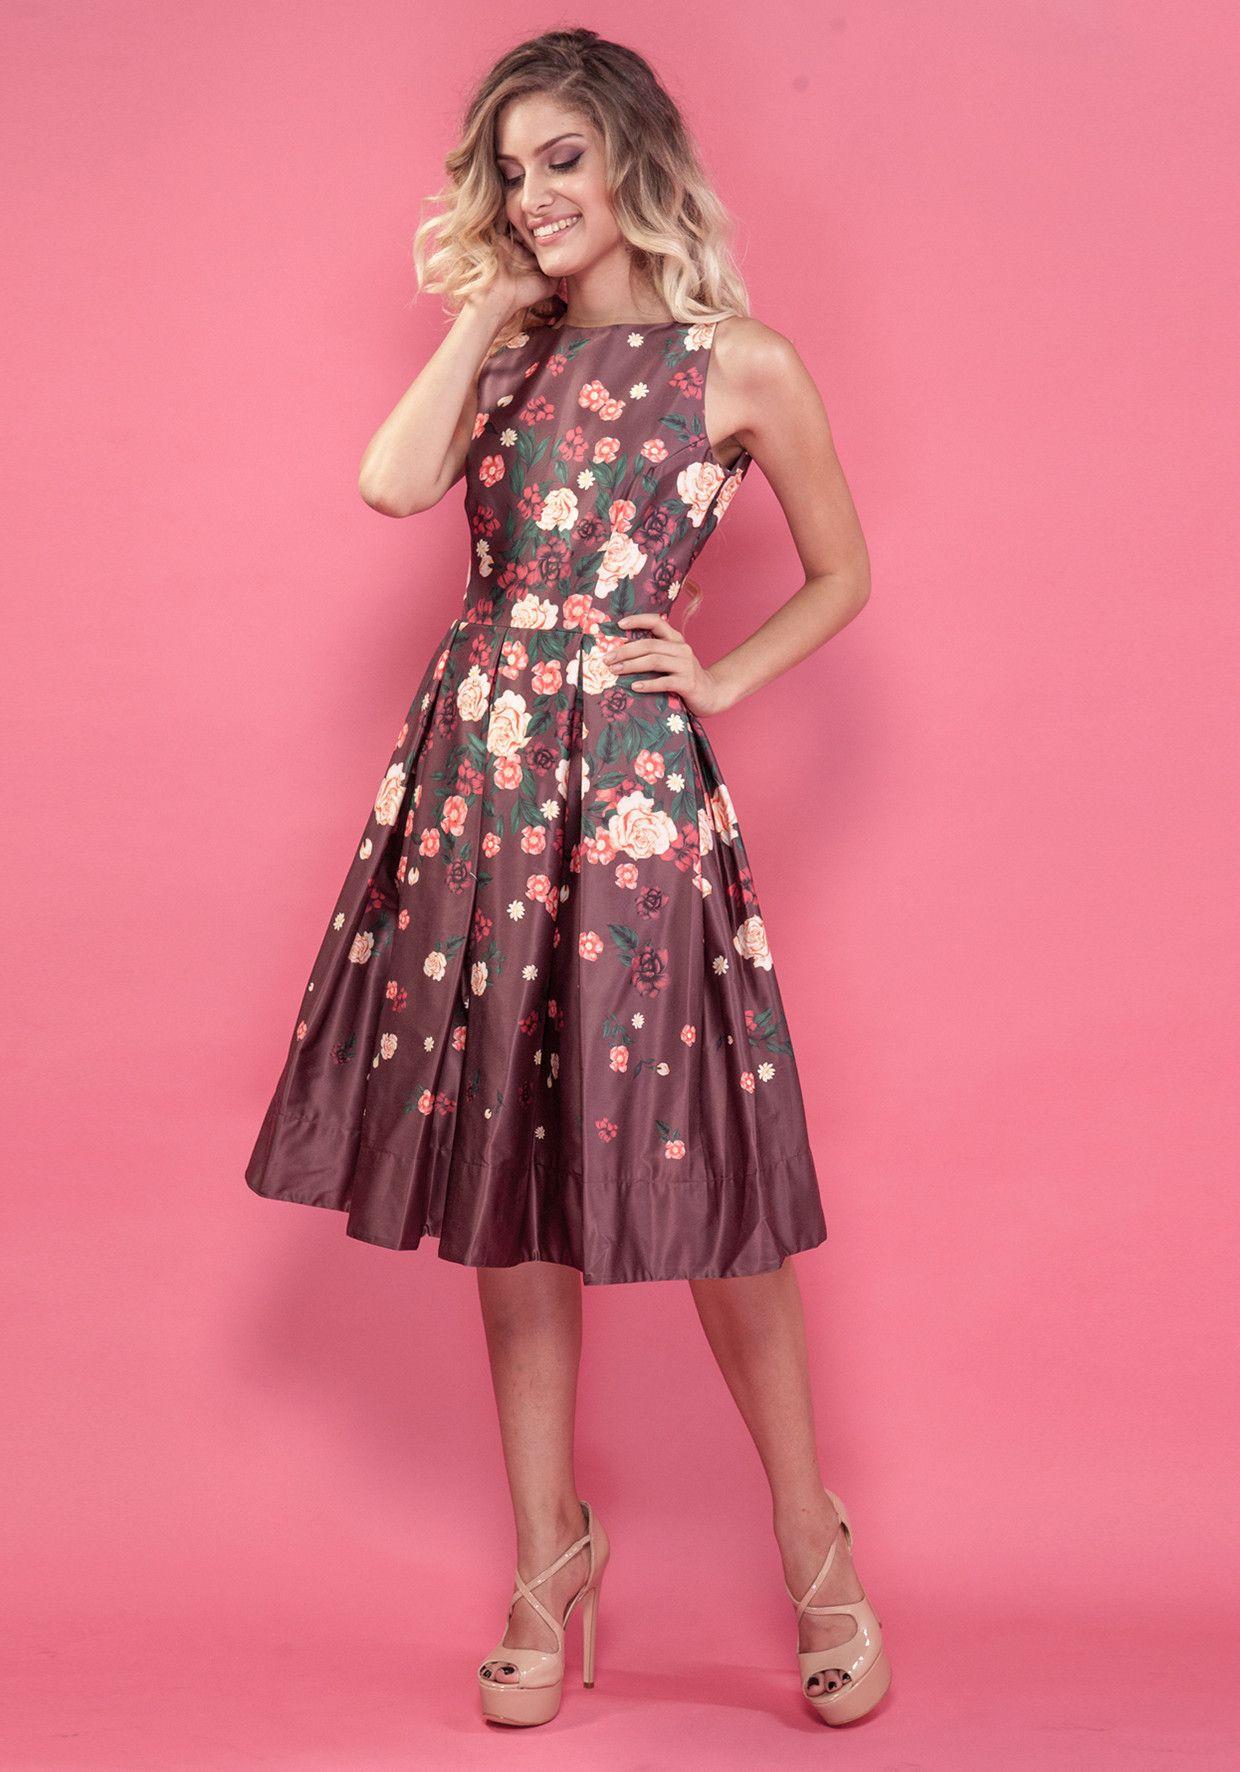 Vestido Maria Antonieta – So Cute | Vestidos | Pinterest | María ...